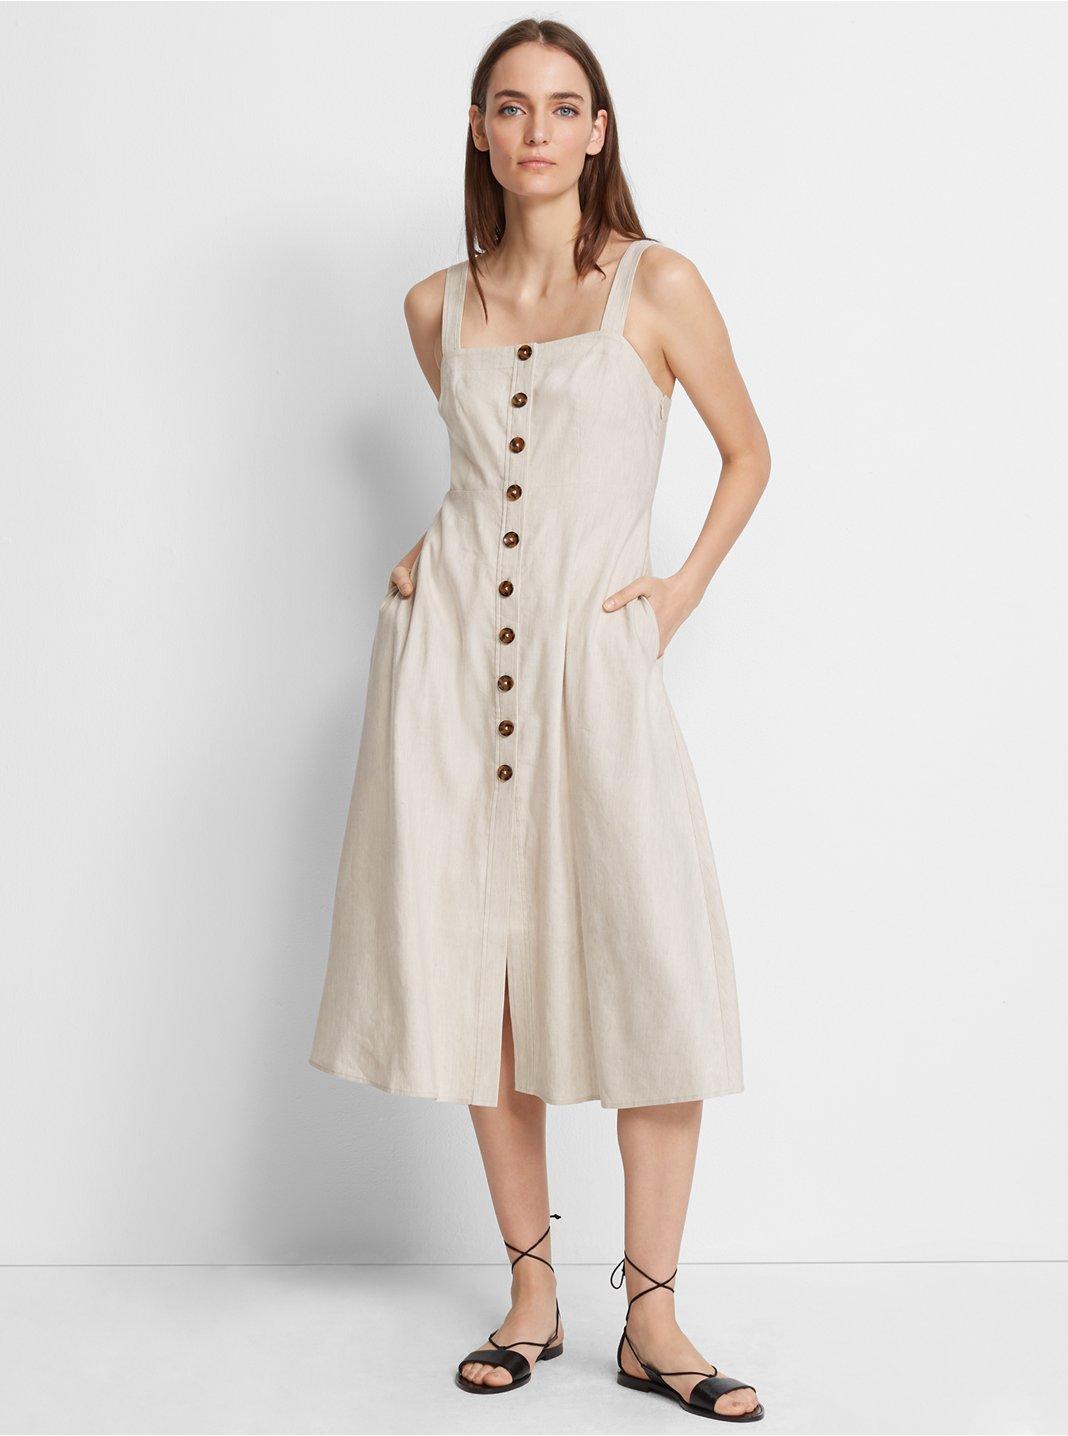 Piqua Linen Dress